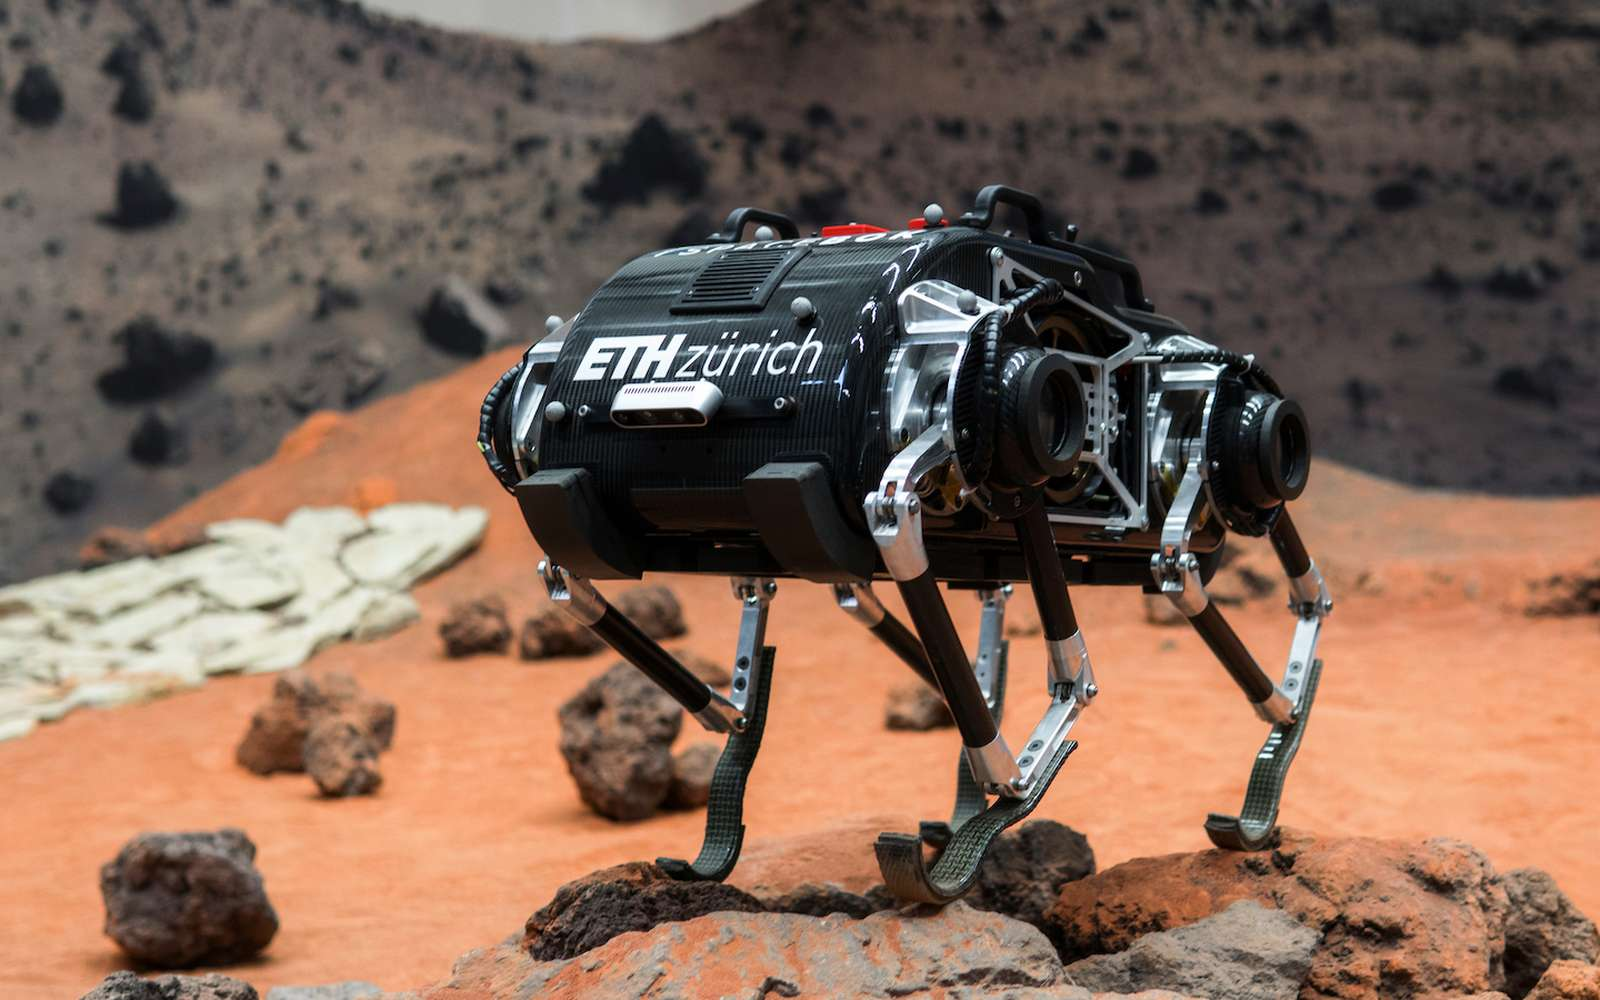 SpaceBok est un quadrupède conçu pour les prochaines missions sur la Lune et Mars. © ESA